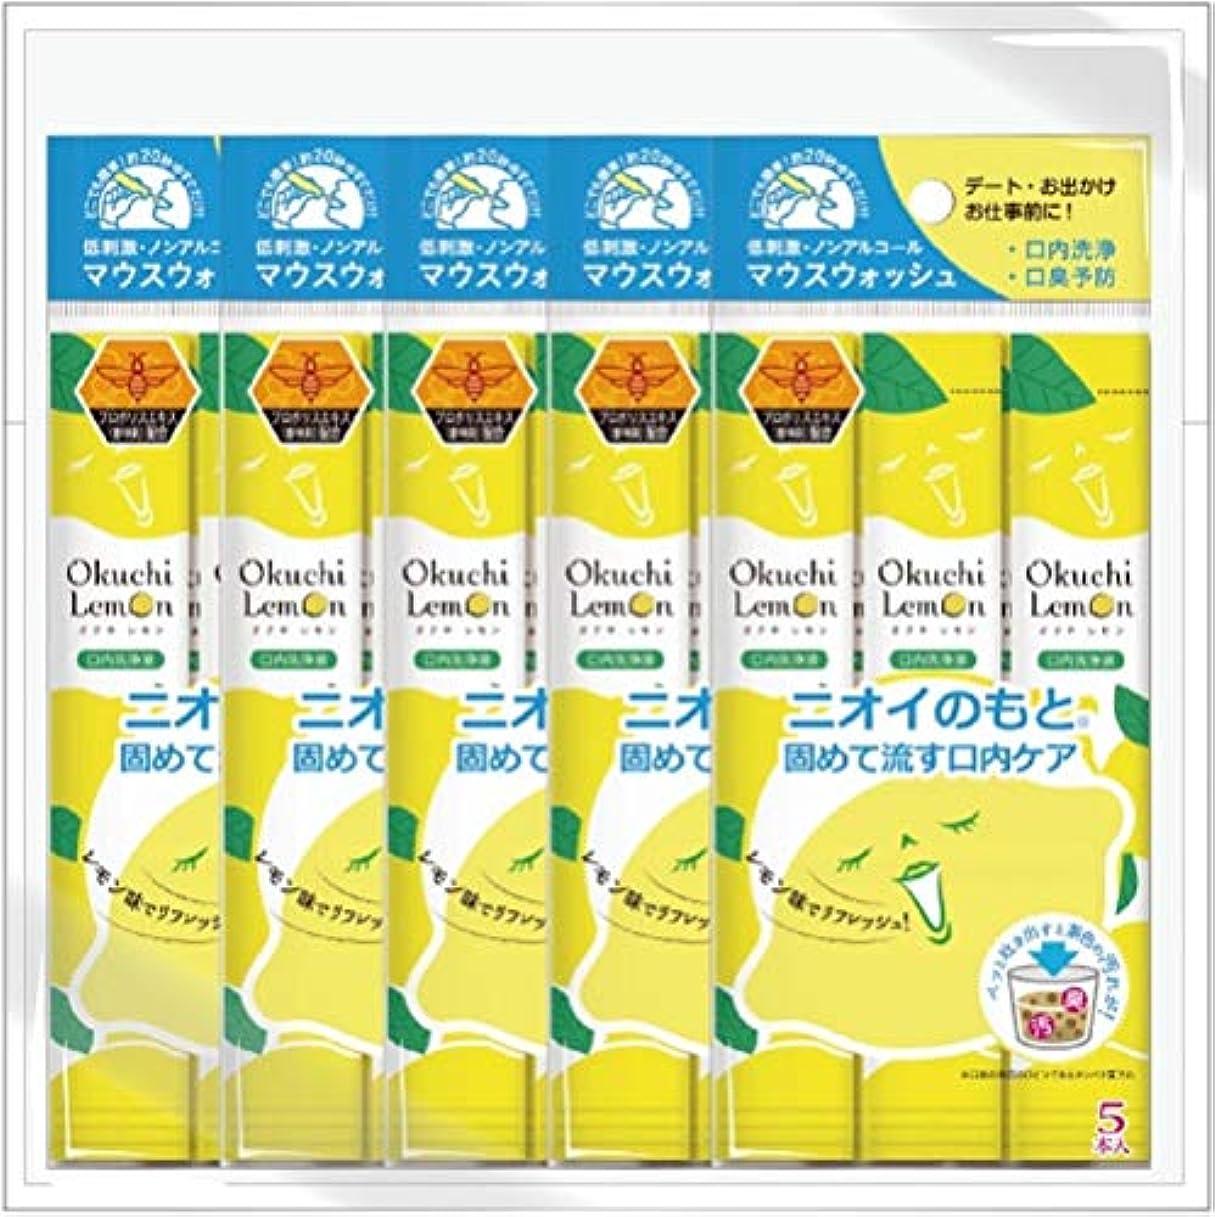 復活ほとんどない教える口臭の原因除去マウスウォッシュ オクチレモン 5個セット(5本入り×5個)